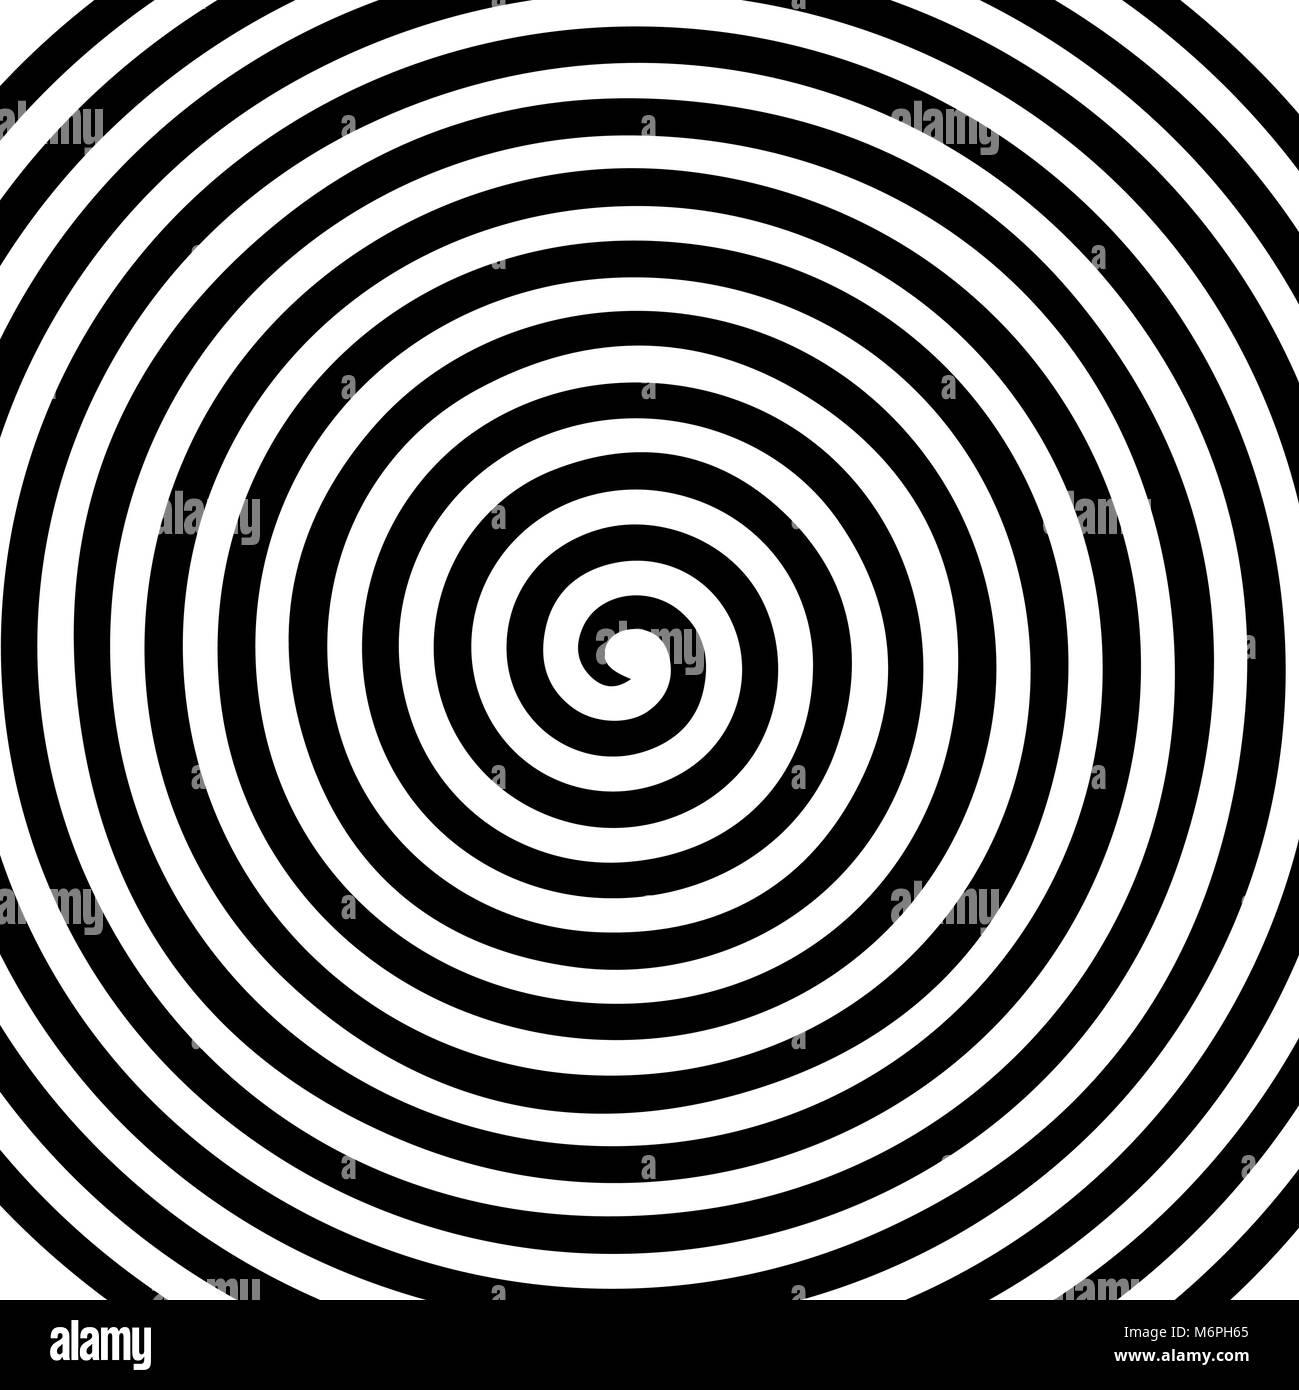 Noir Blanc Résumé Ronde Spirale Hypnotique Vortex Wallpaper